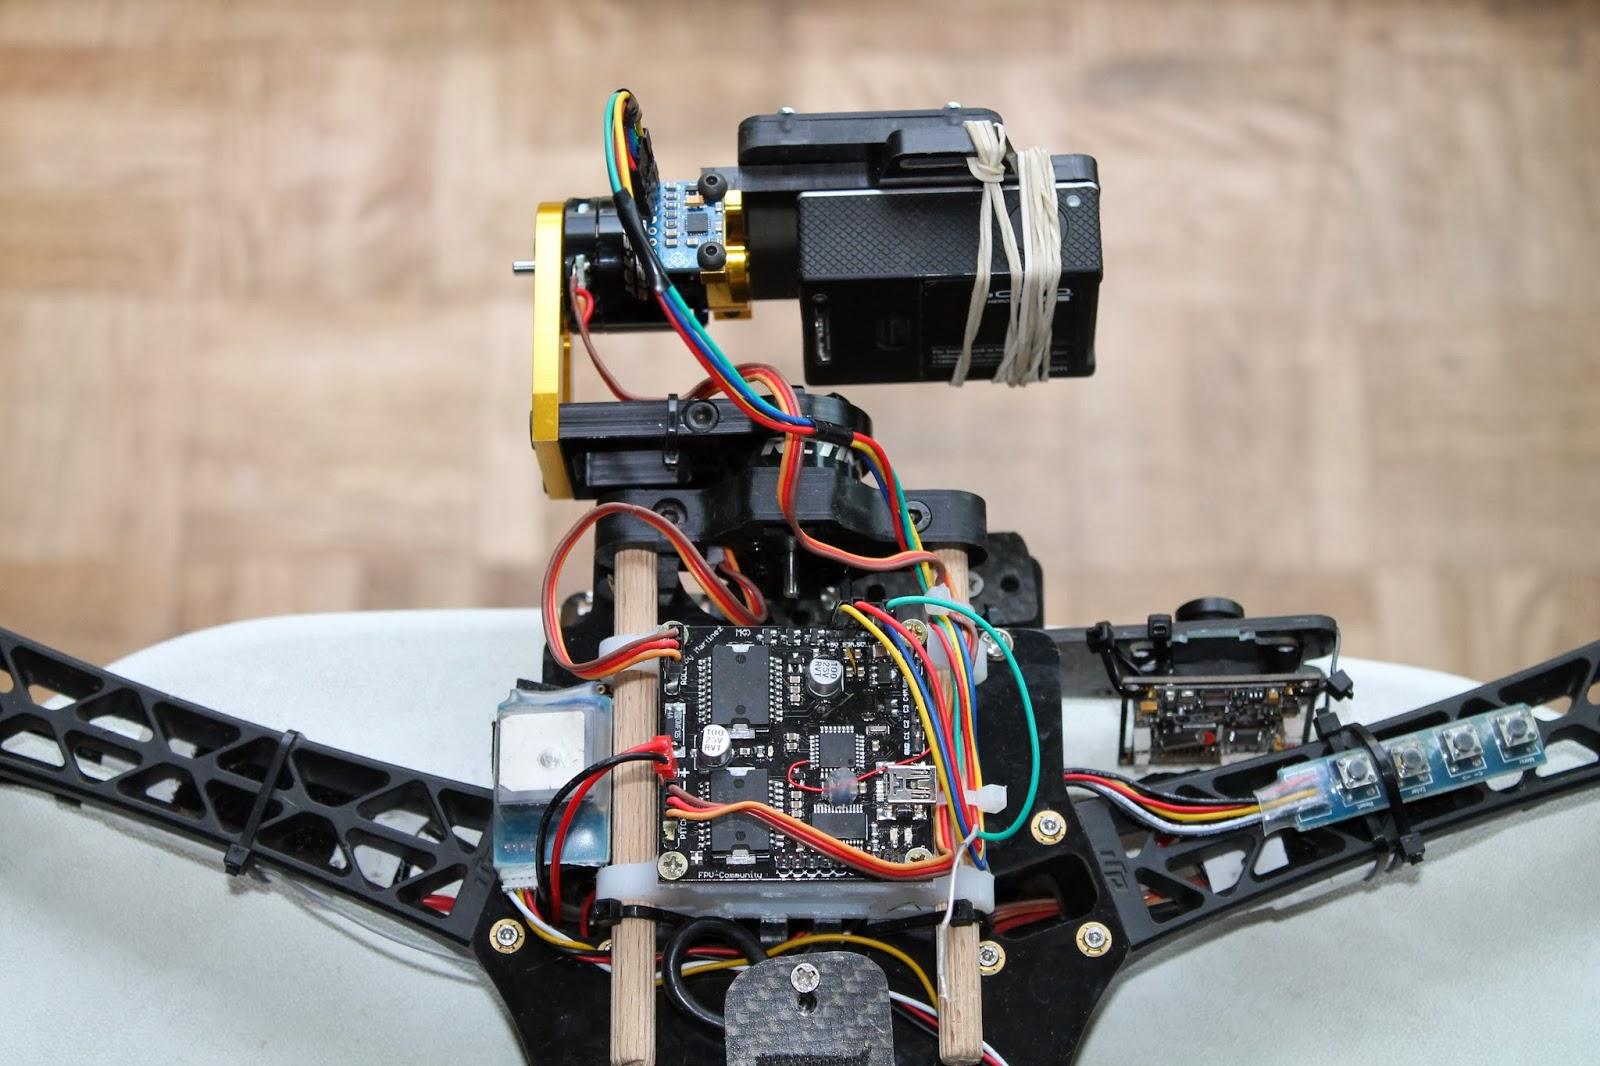 drone dji 4 pro plus  | 640 x 360